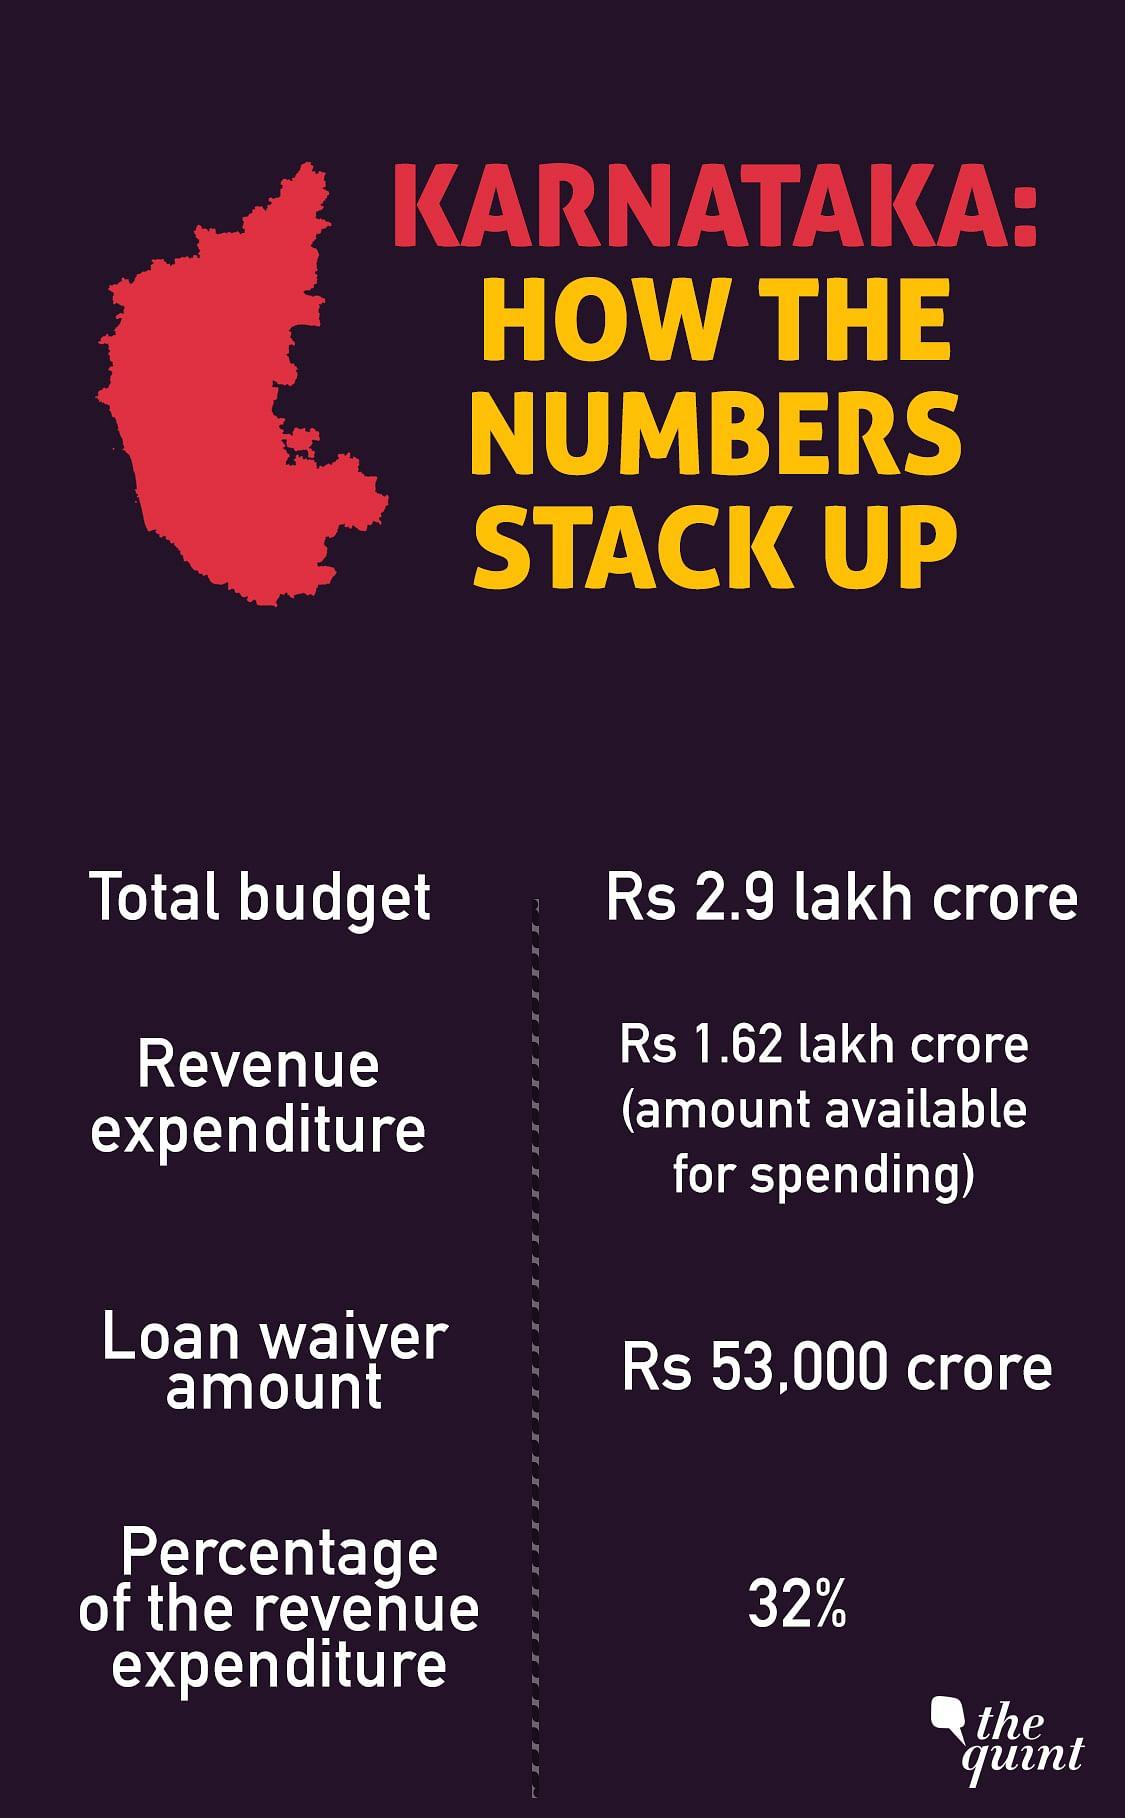 Can Kumaraswamy  Afford His Rs 53,000 Cr Farm Loan Waiver Promise?